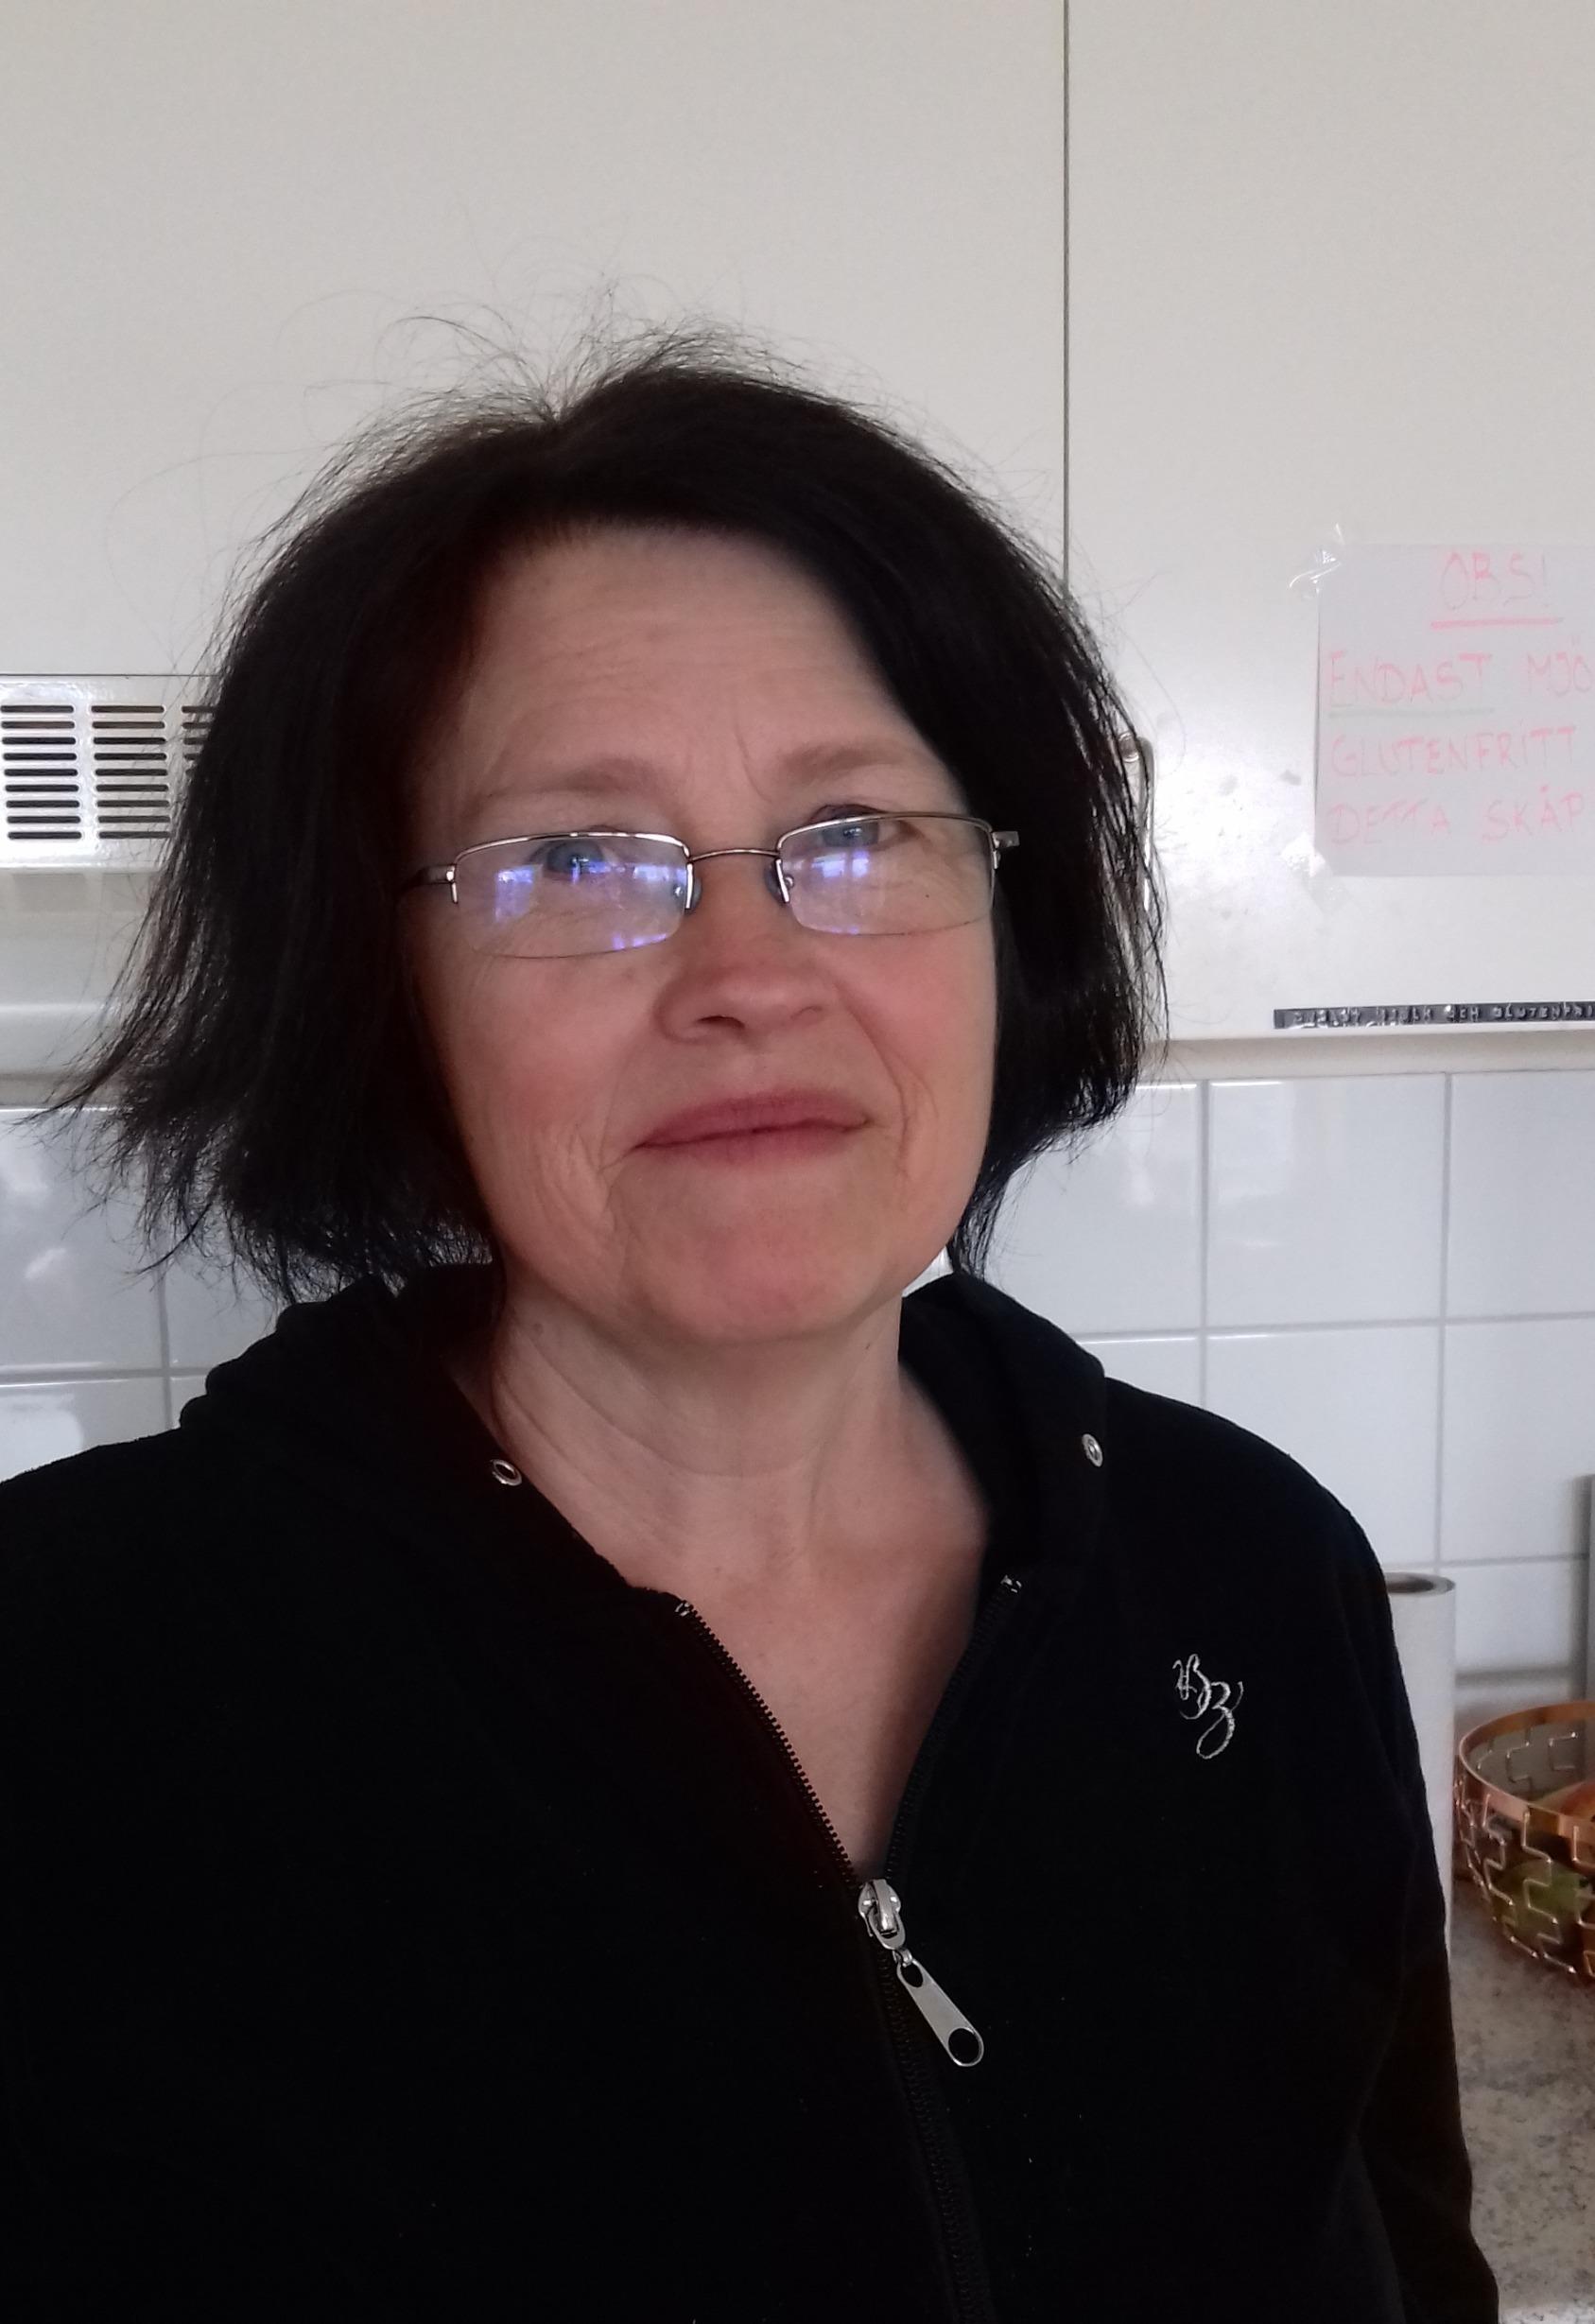 Birgitta Svedling